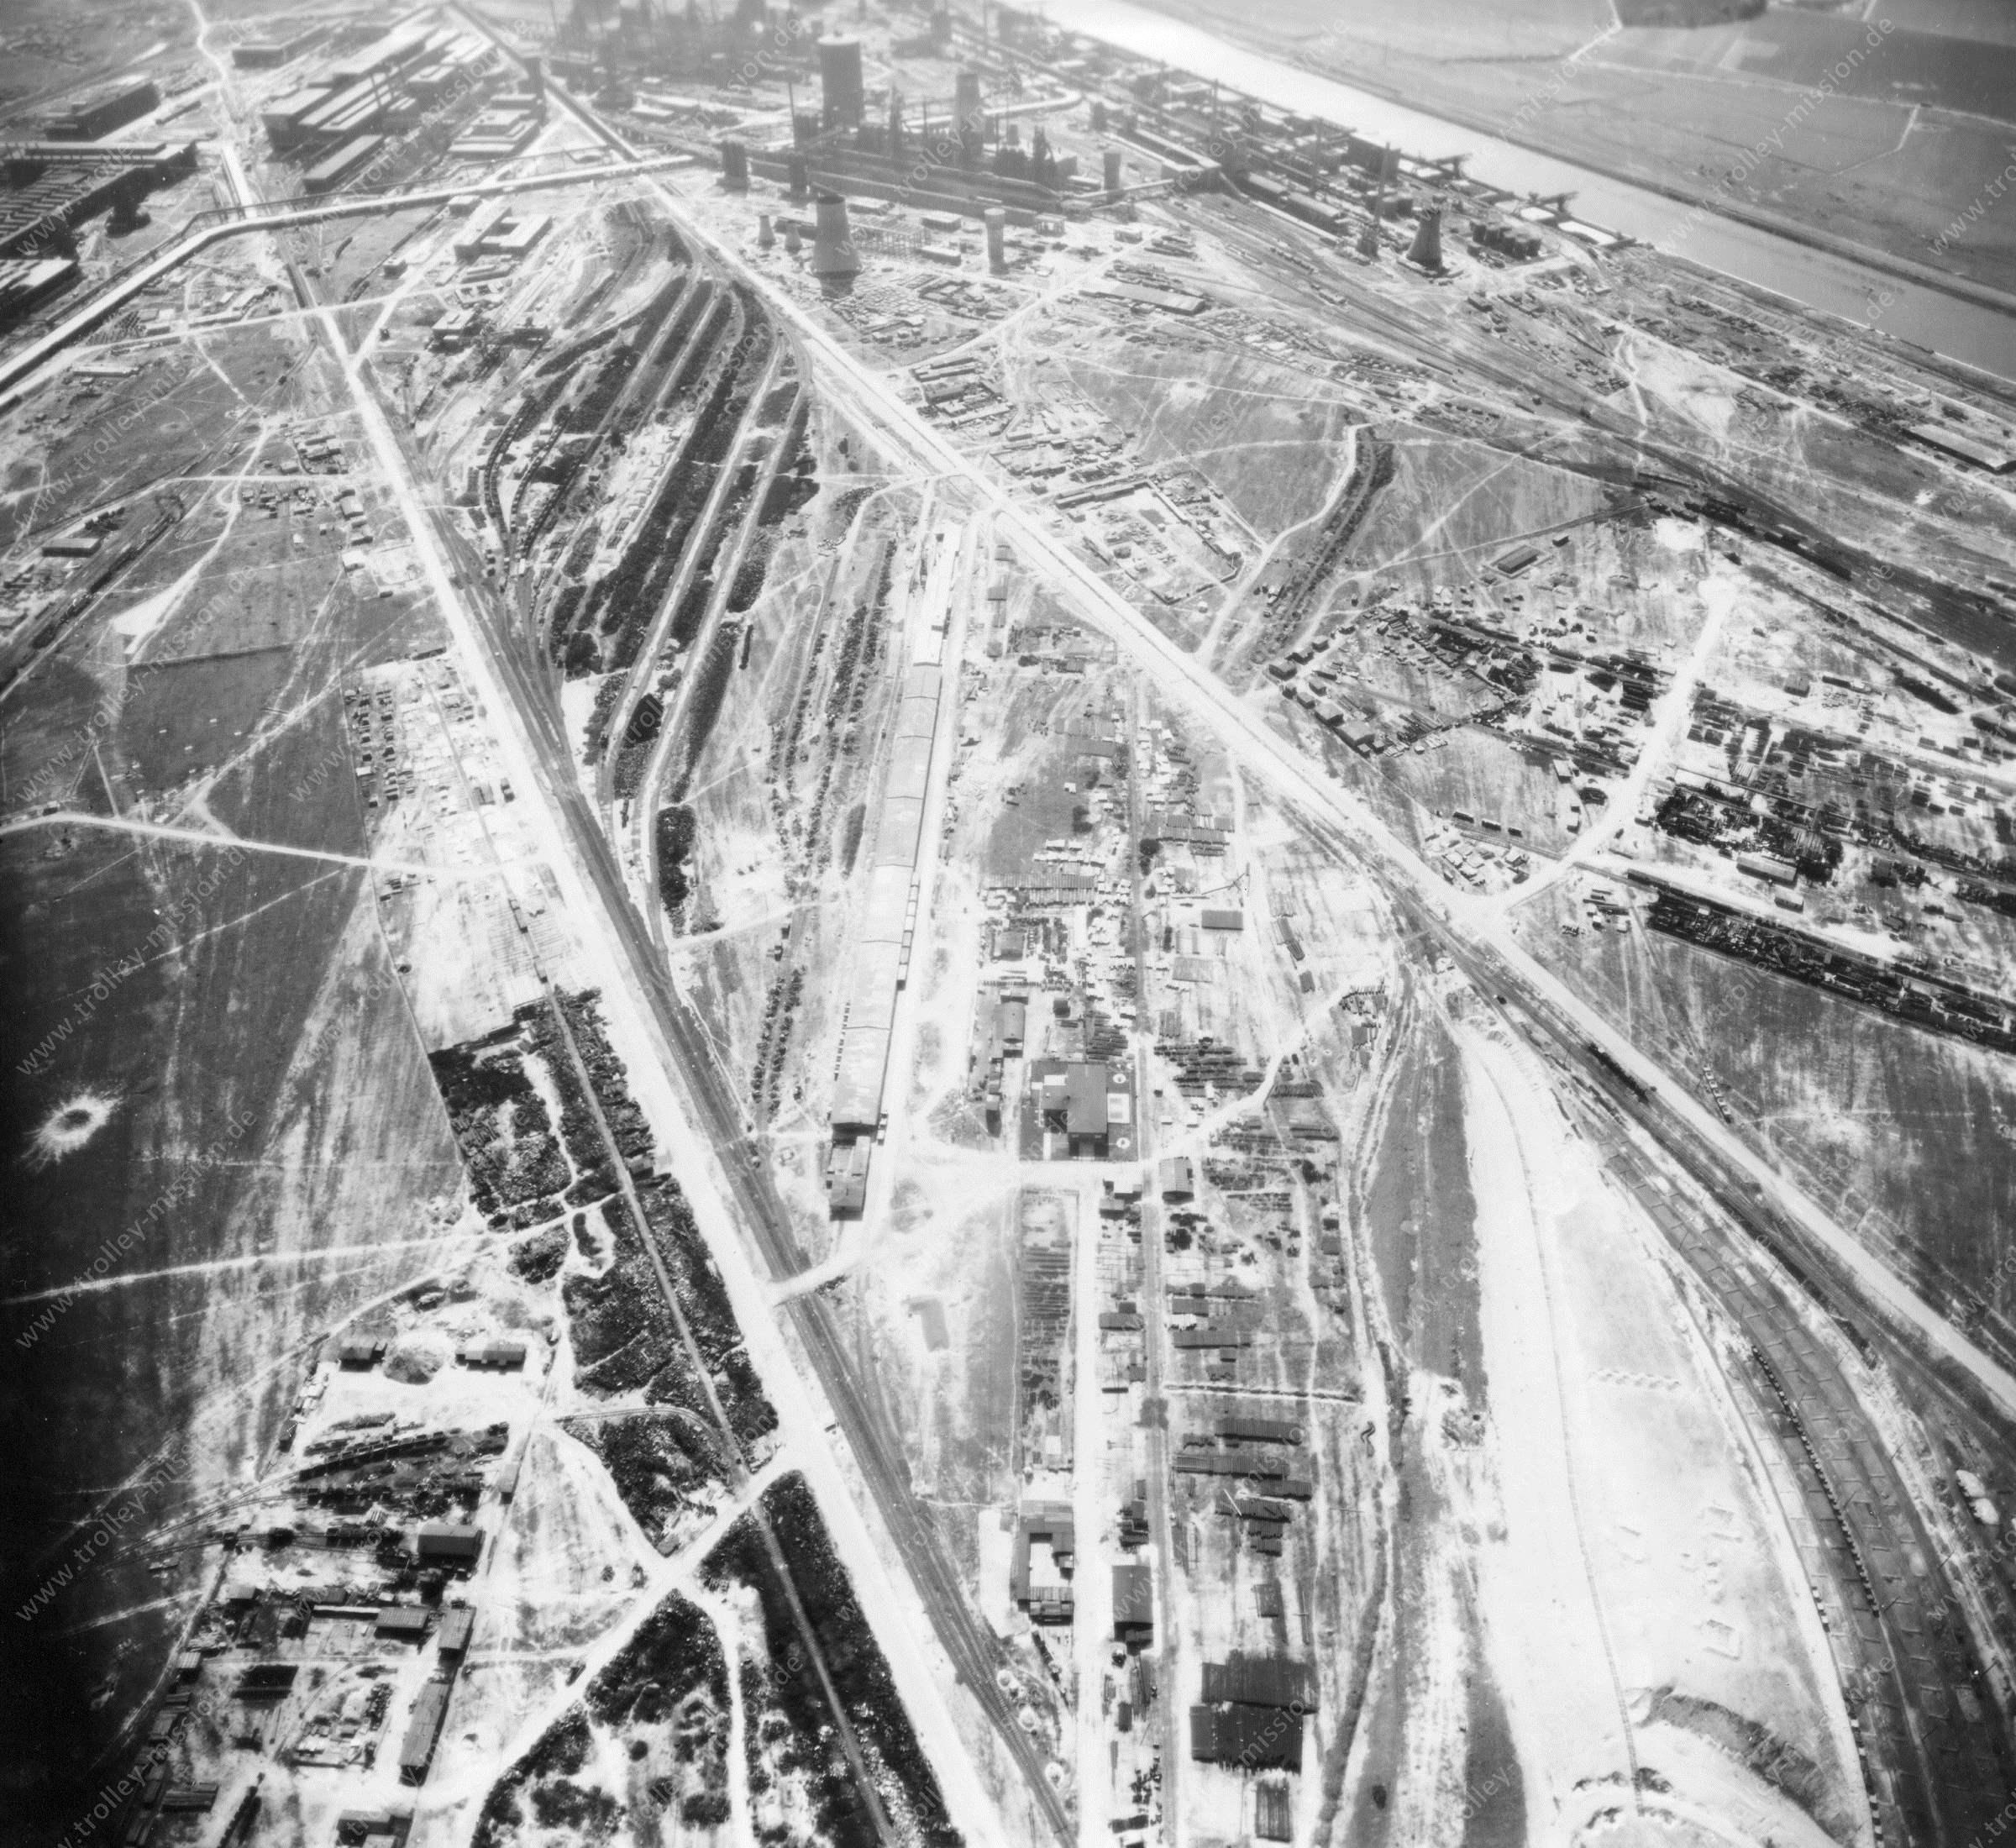 Luftbild der Hermann Göring Reichswerke AG für Erzbergbau und Eisenhütten in Salzgitter am 12. Mai 1945 - Luftbildserie 4/7 der US Luftwaffe